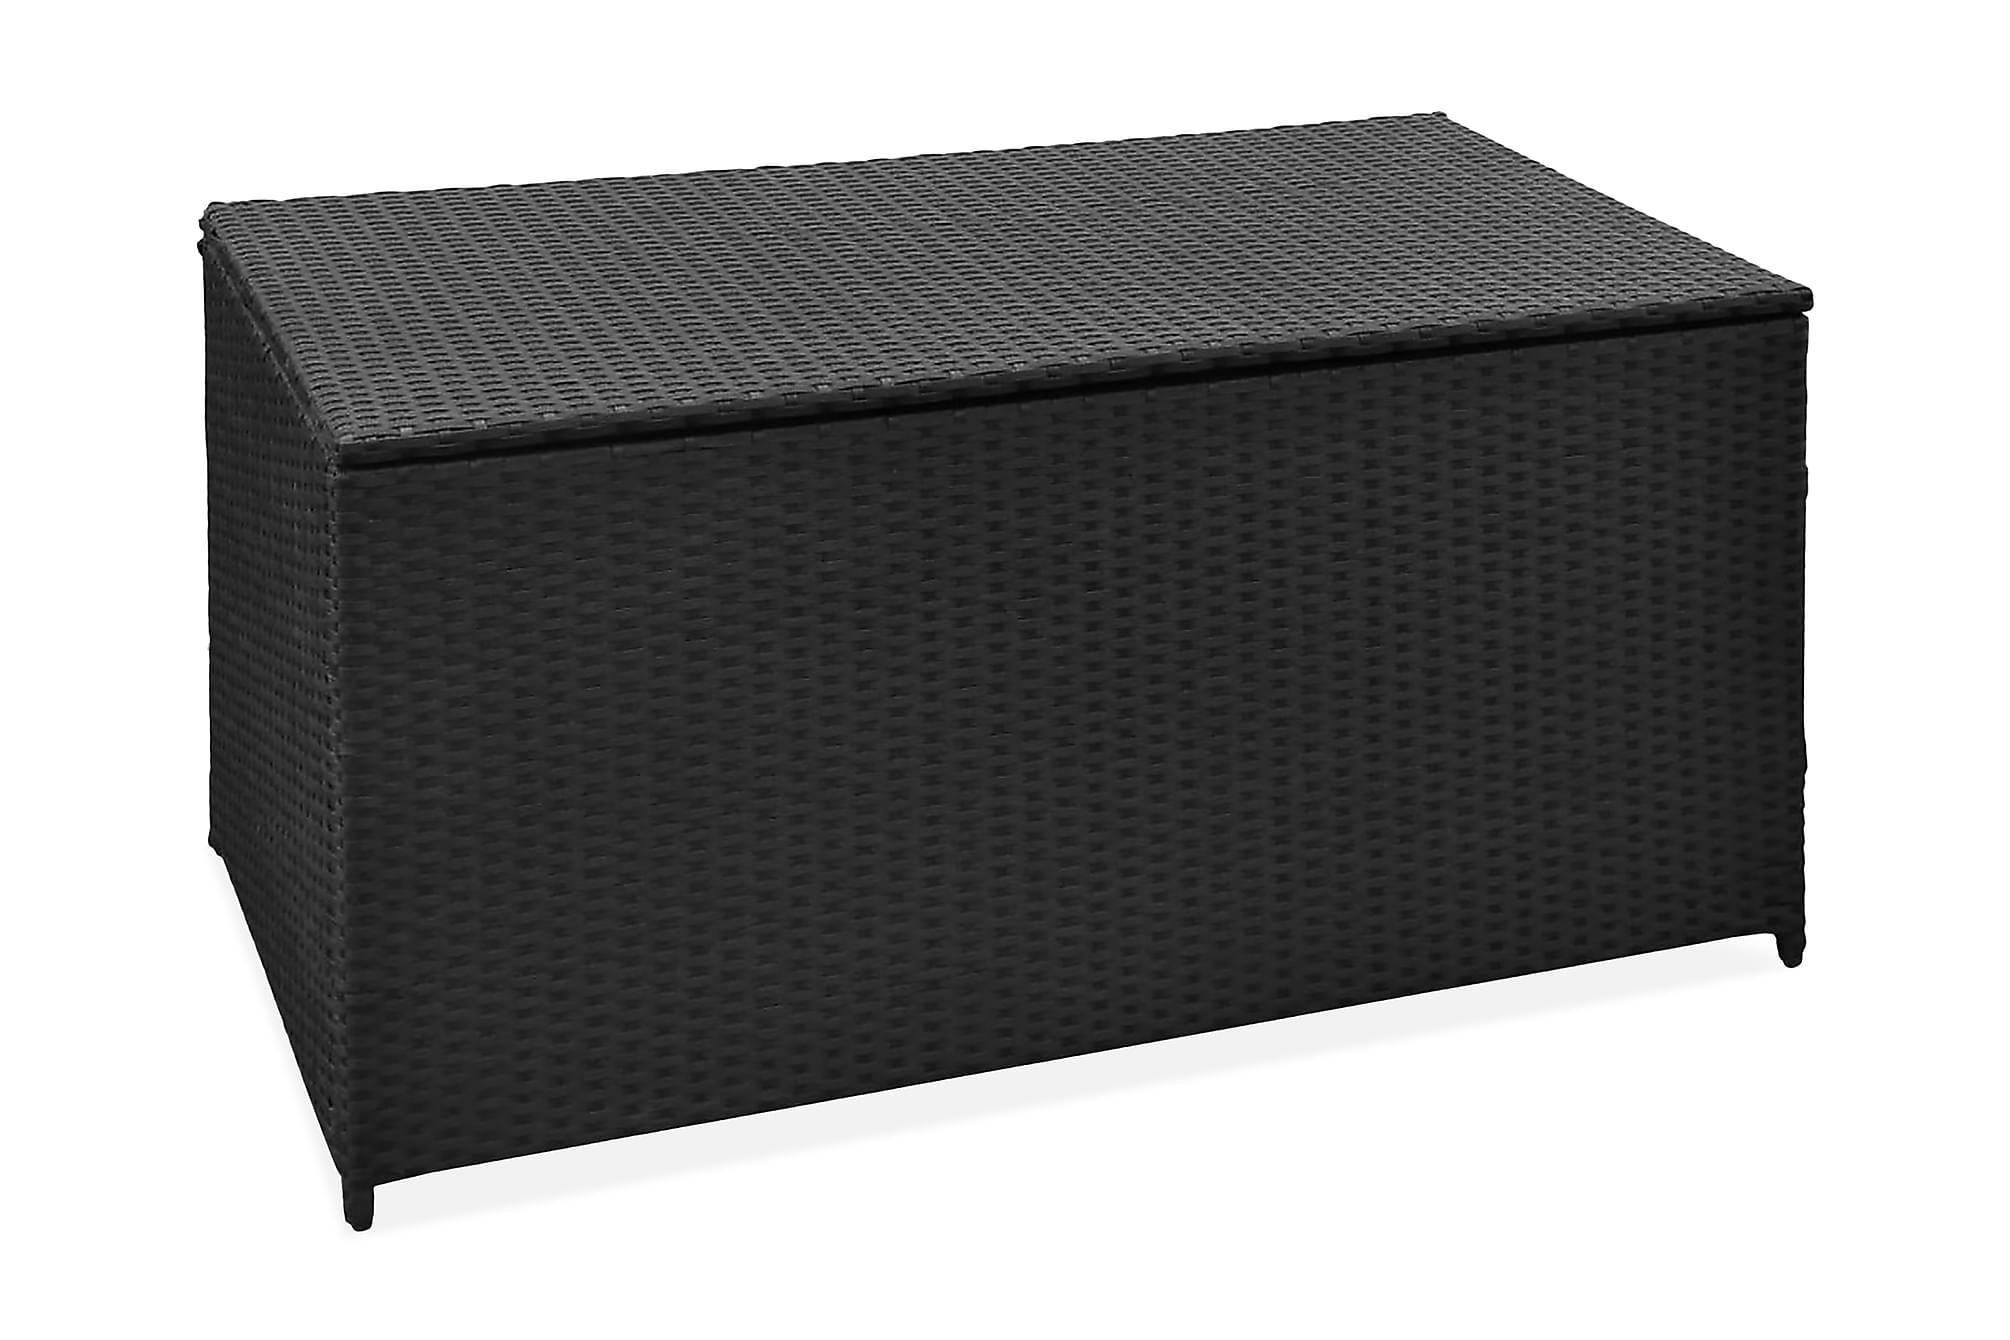 Dynbox 120x50x60 cm konstrotting svart, Dynboxar & dynlådor